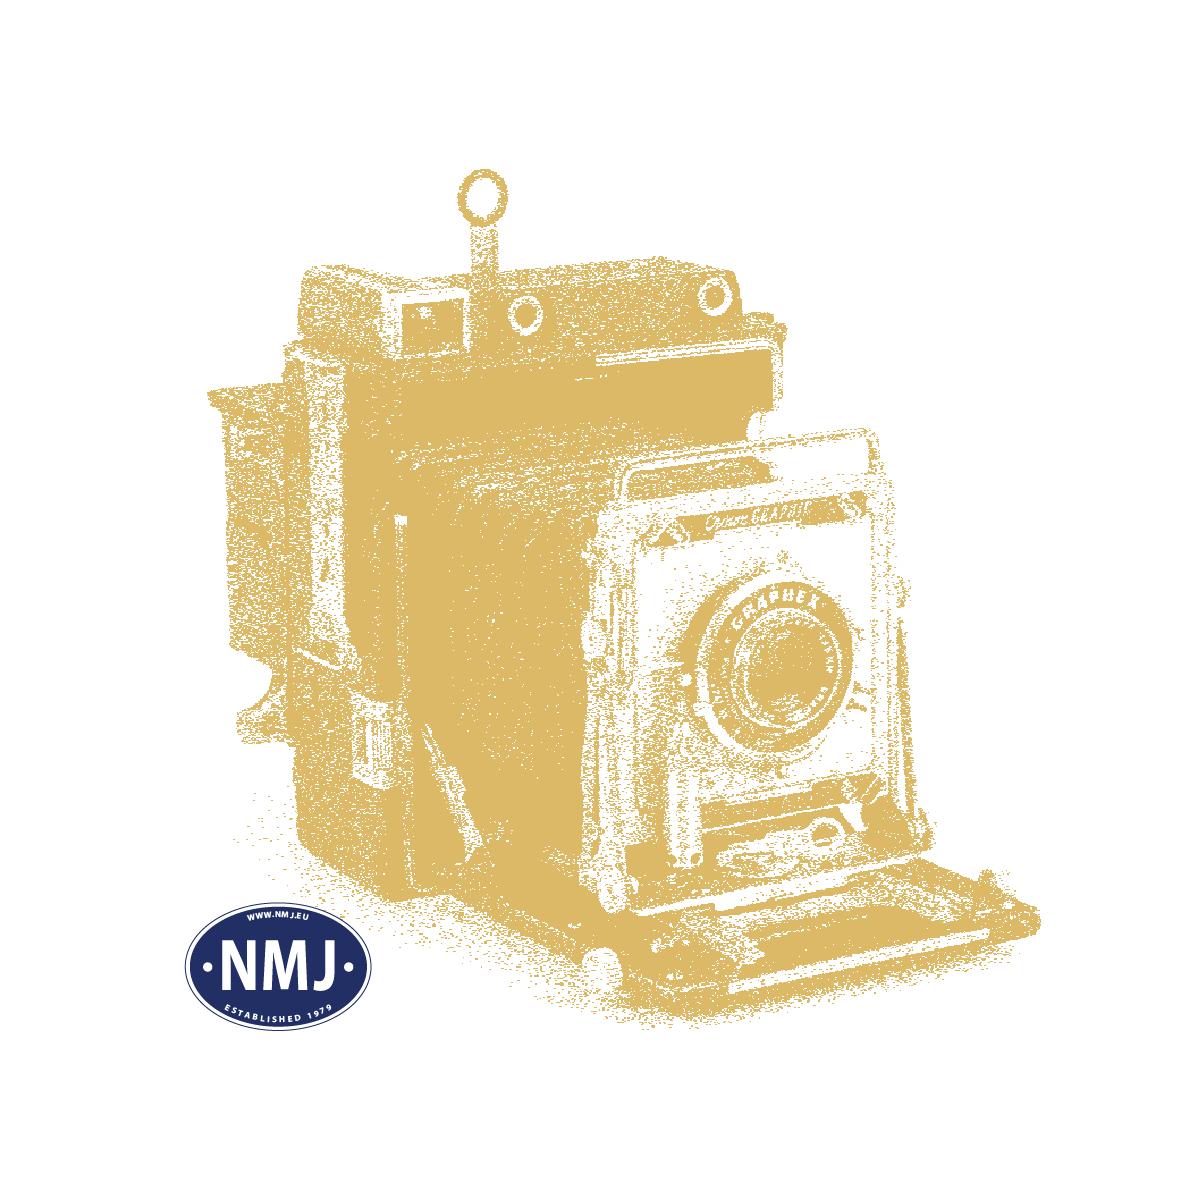 NMJT404.103 - MAV-Start CAF Personvogn Bmz  61 55 21-91 104-5